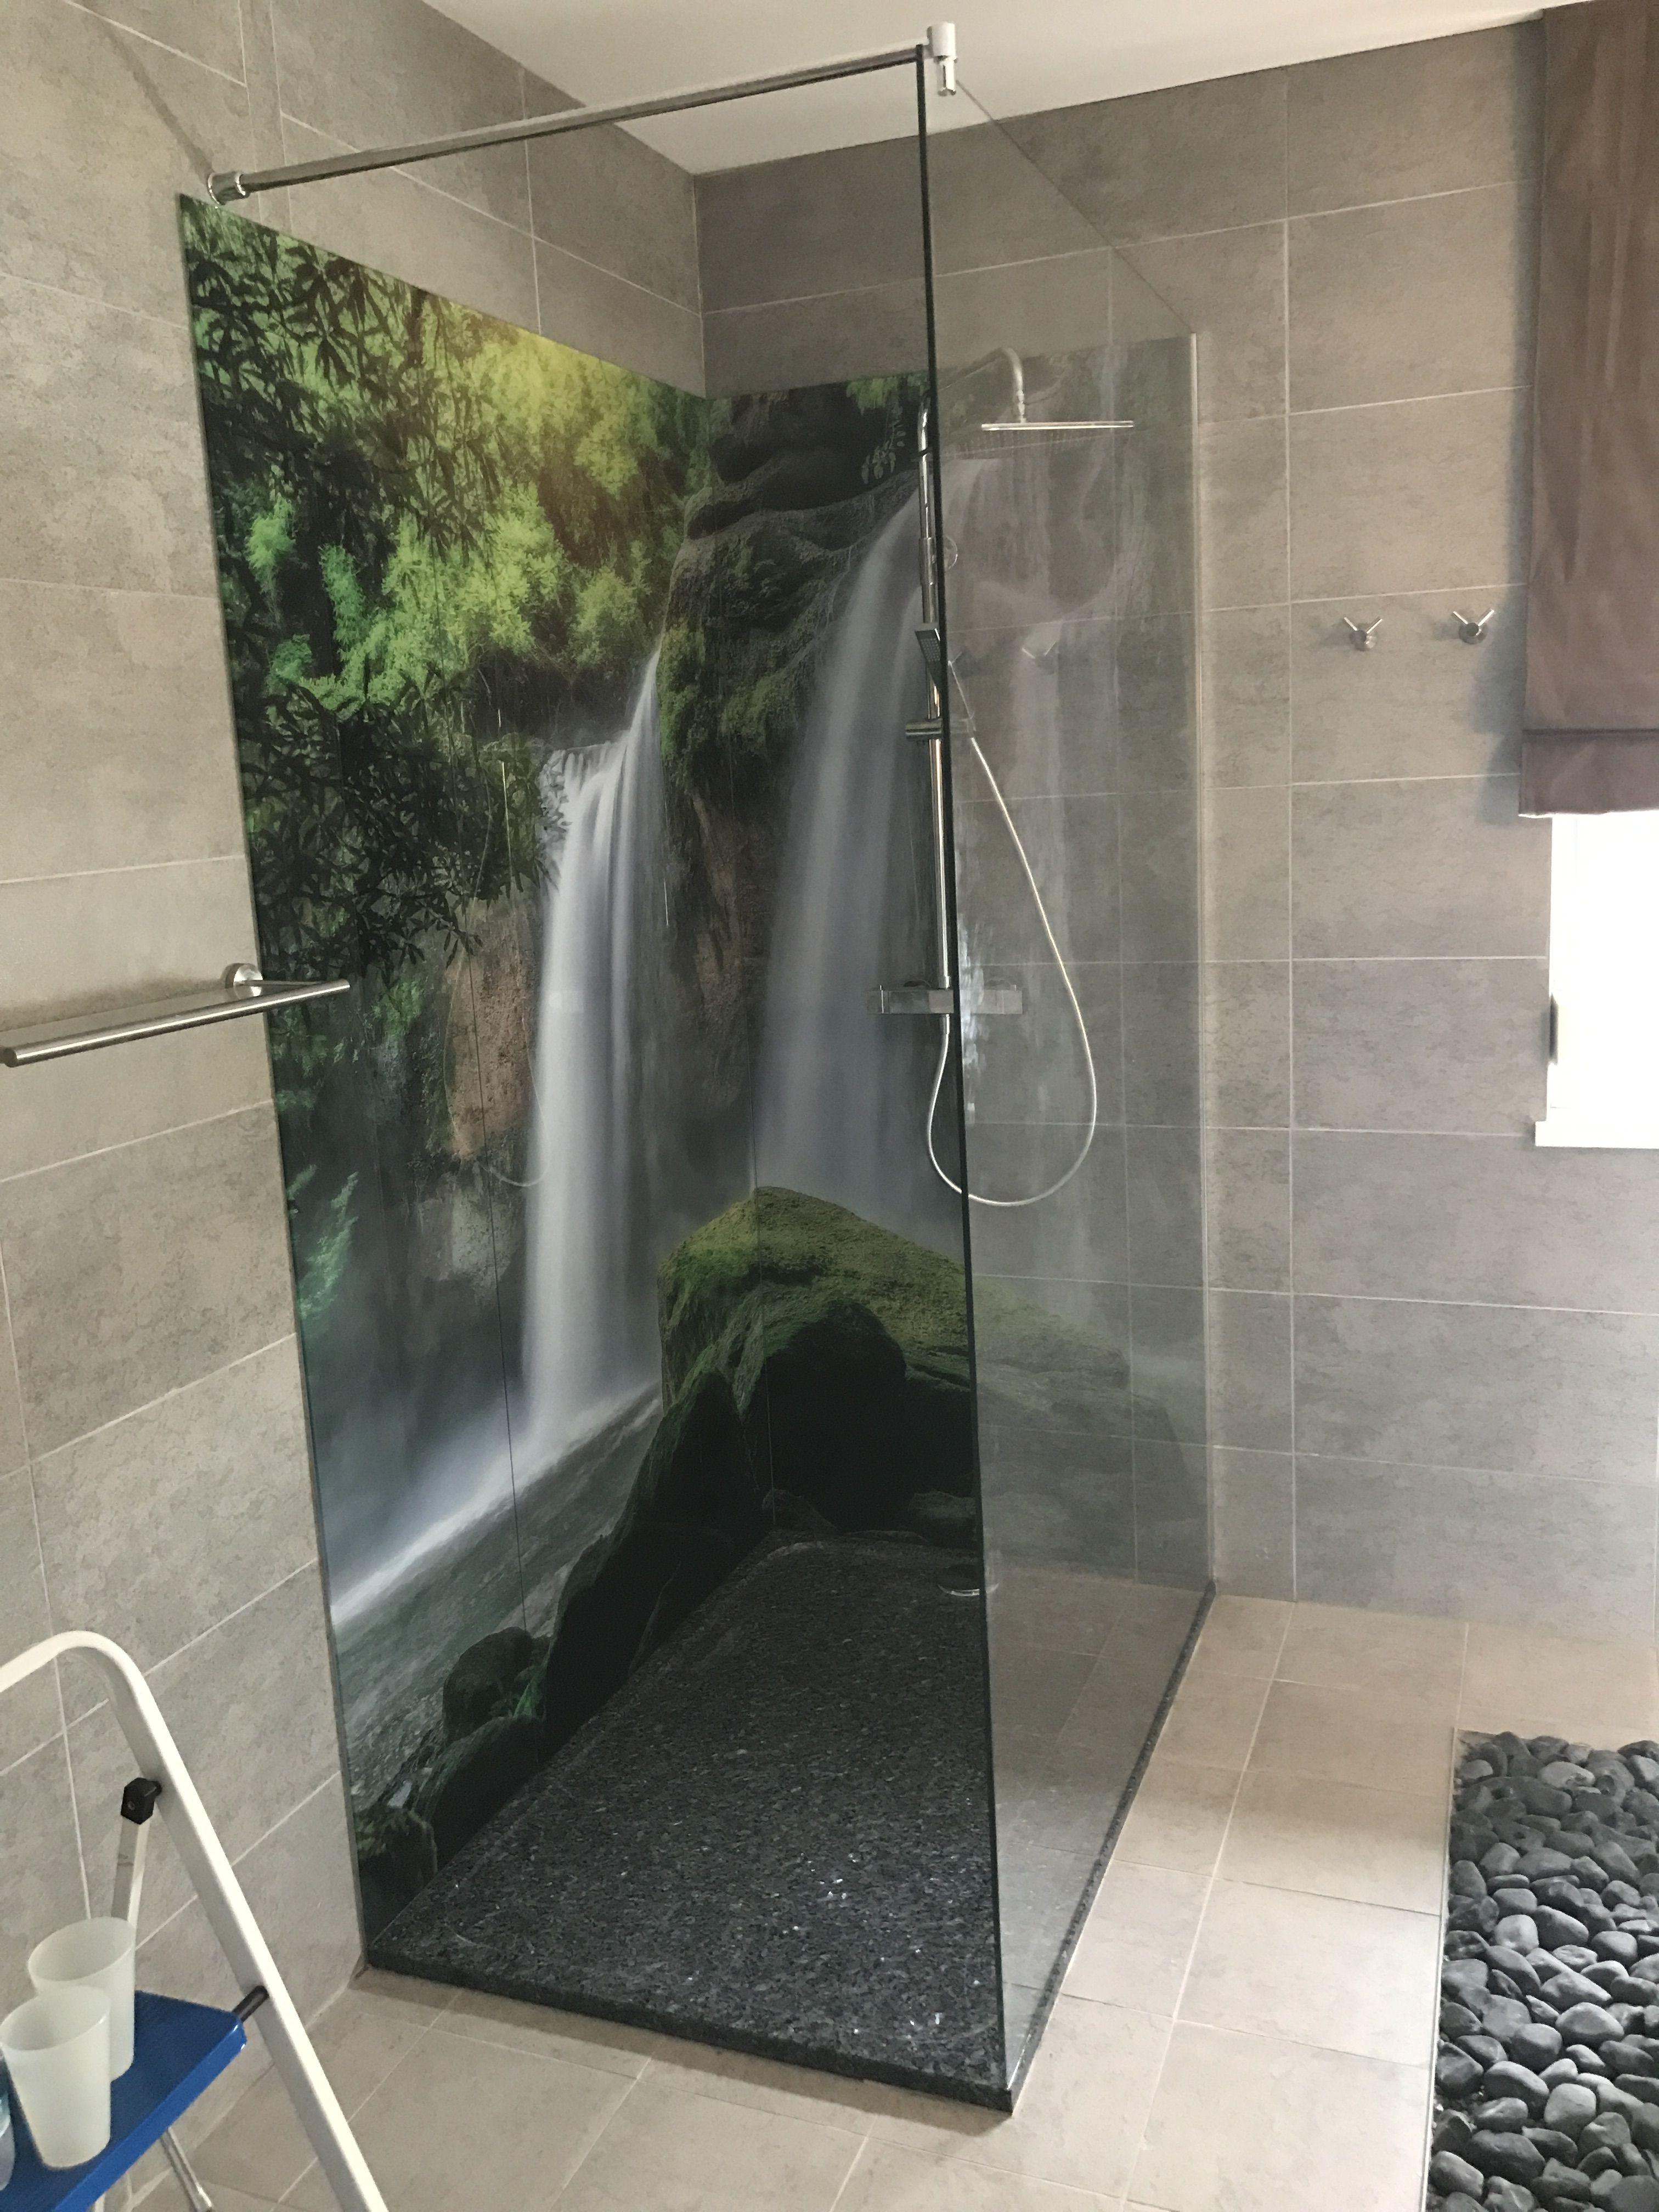 Ruckwand Der Dusche Aus Glas Bedruckt Wasserfall Glaser